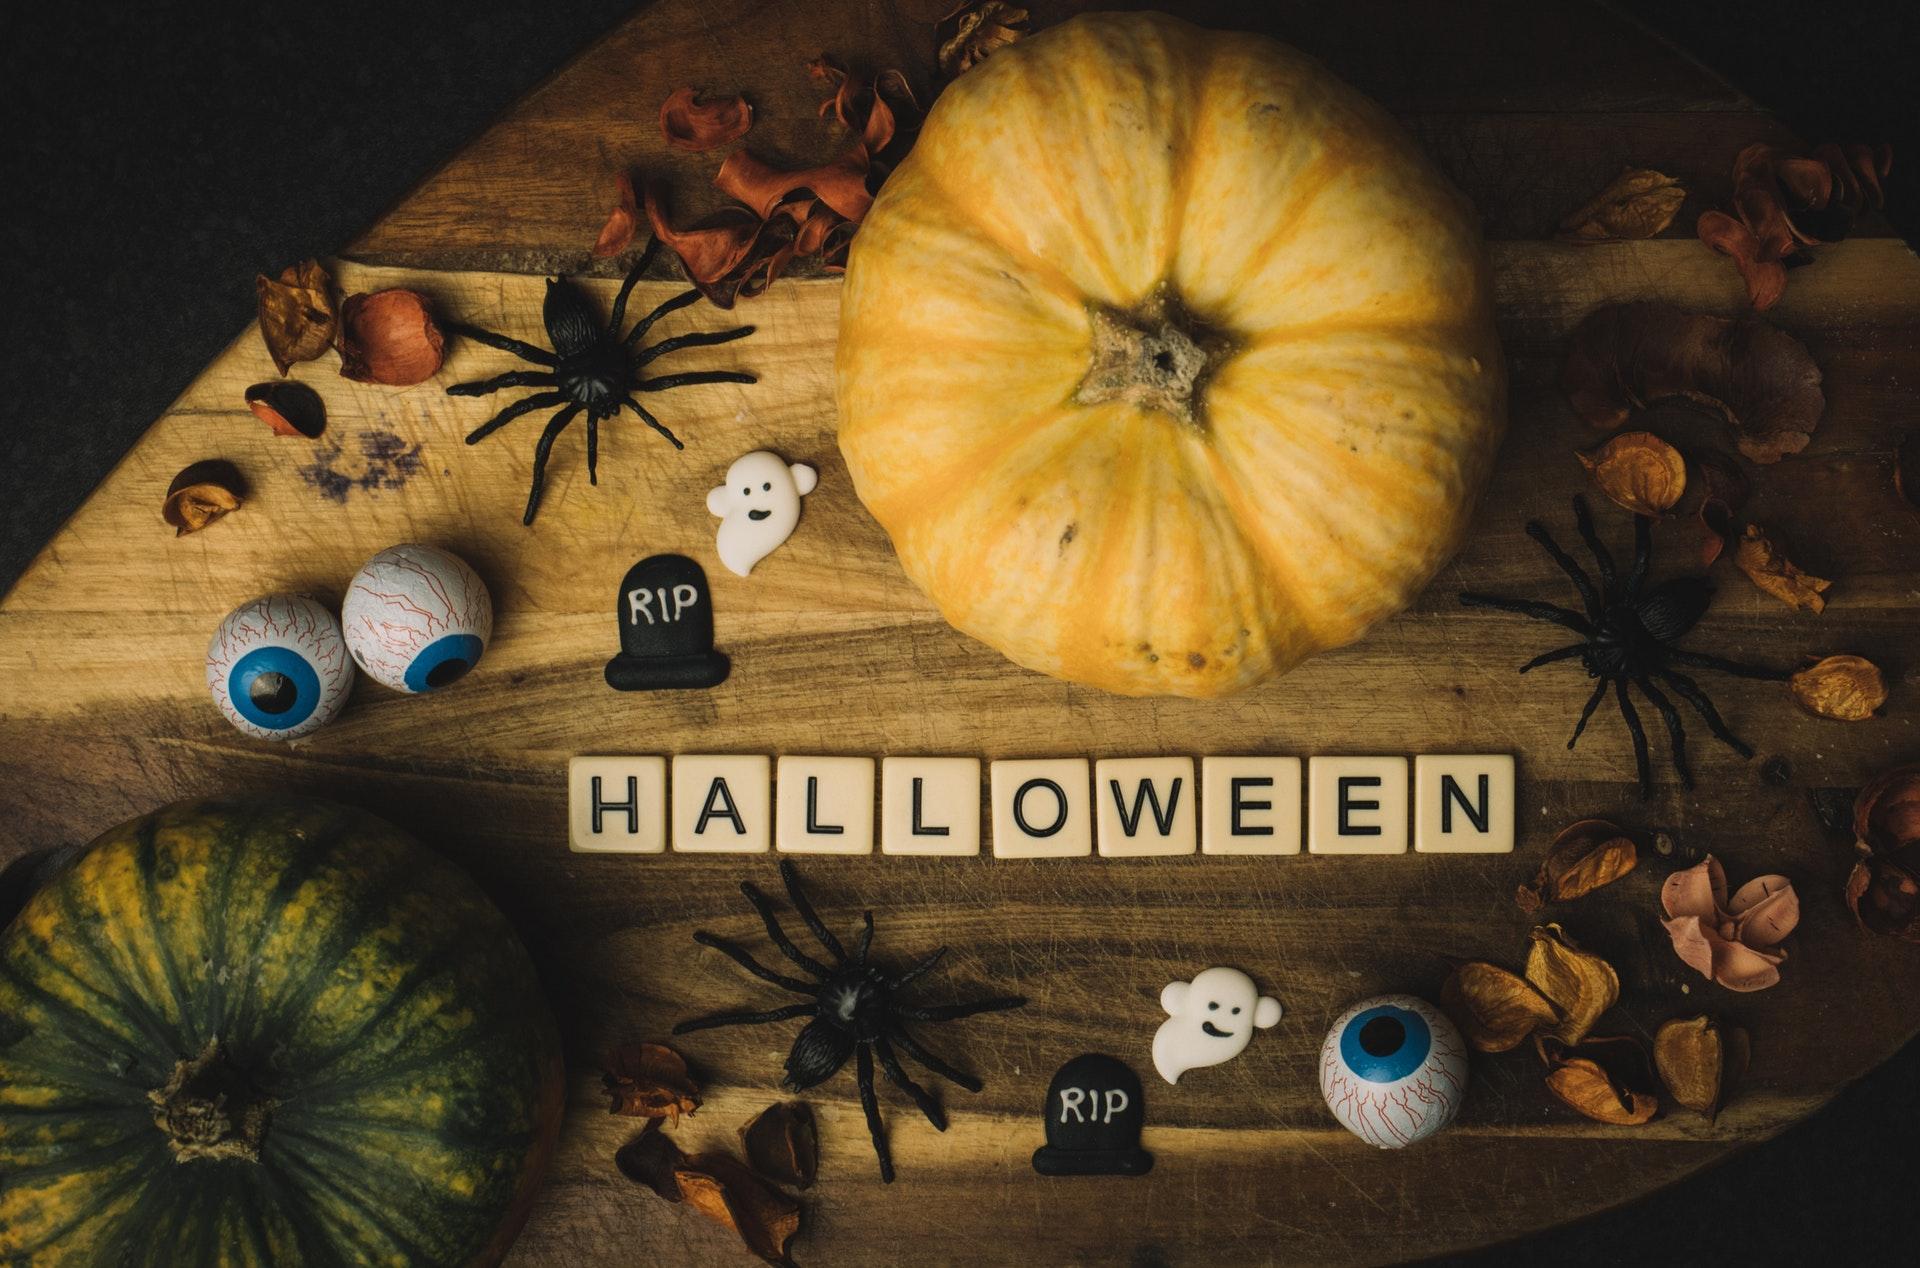 Halloween Scrabble